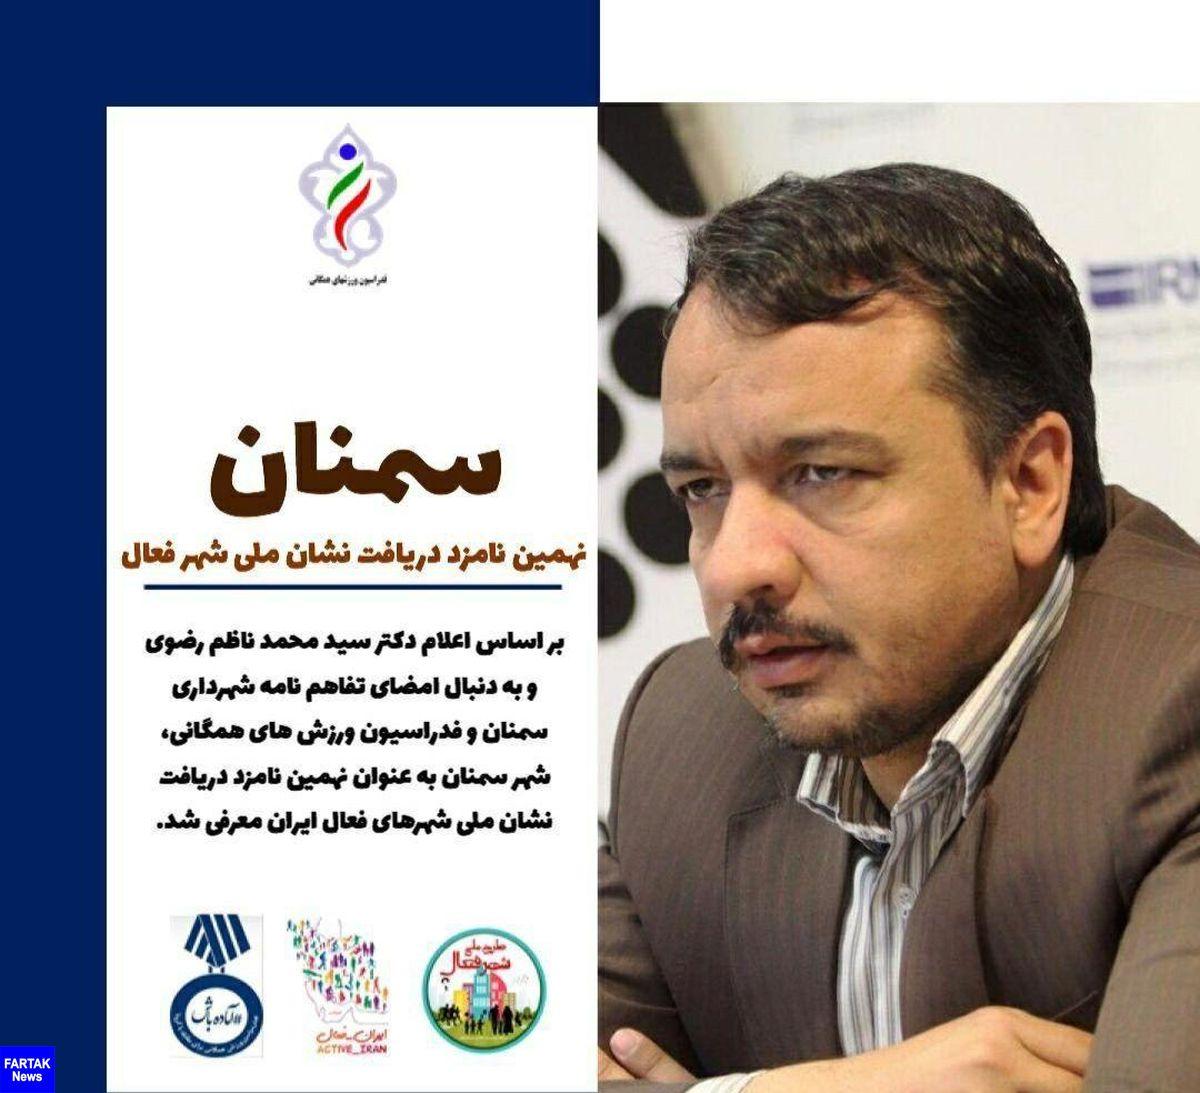 سمنان نهمین نامزد شهر فعال ایران